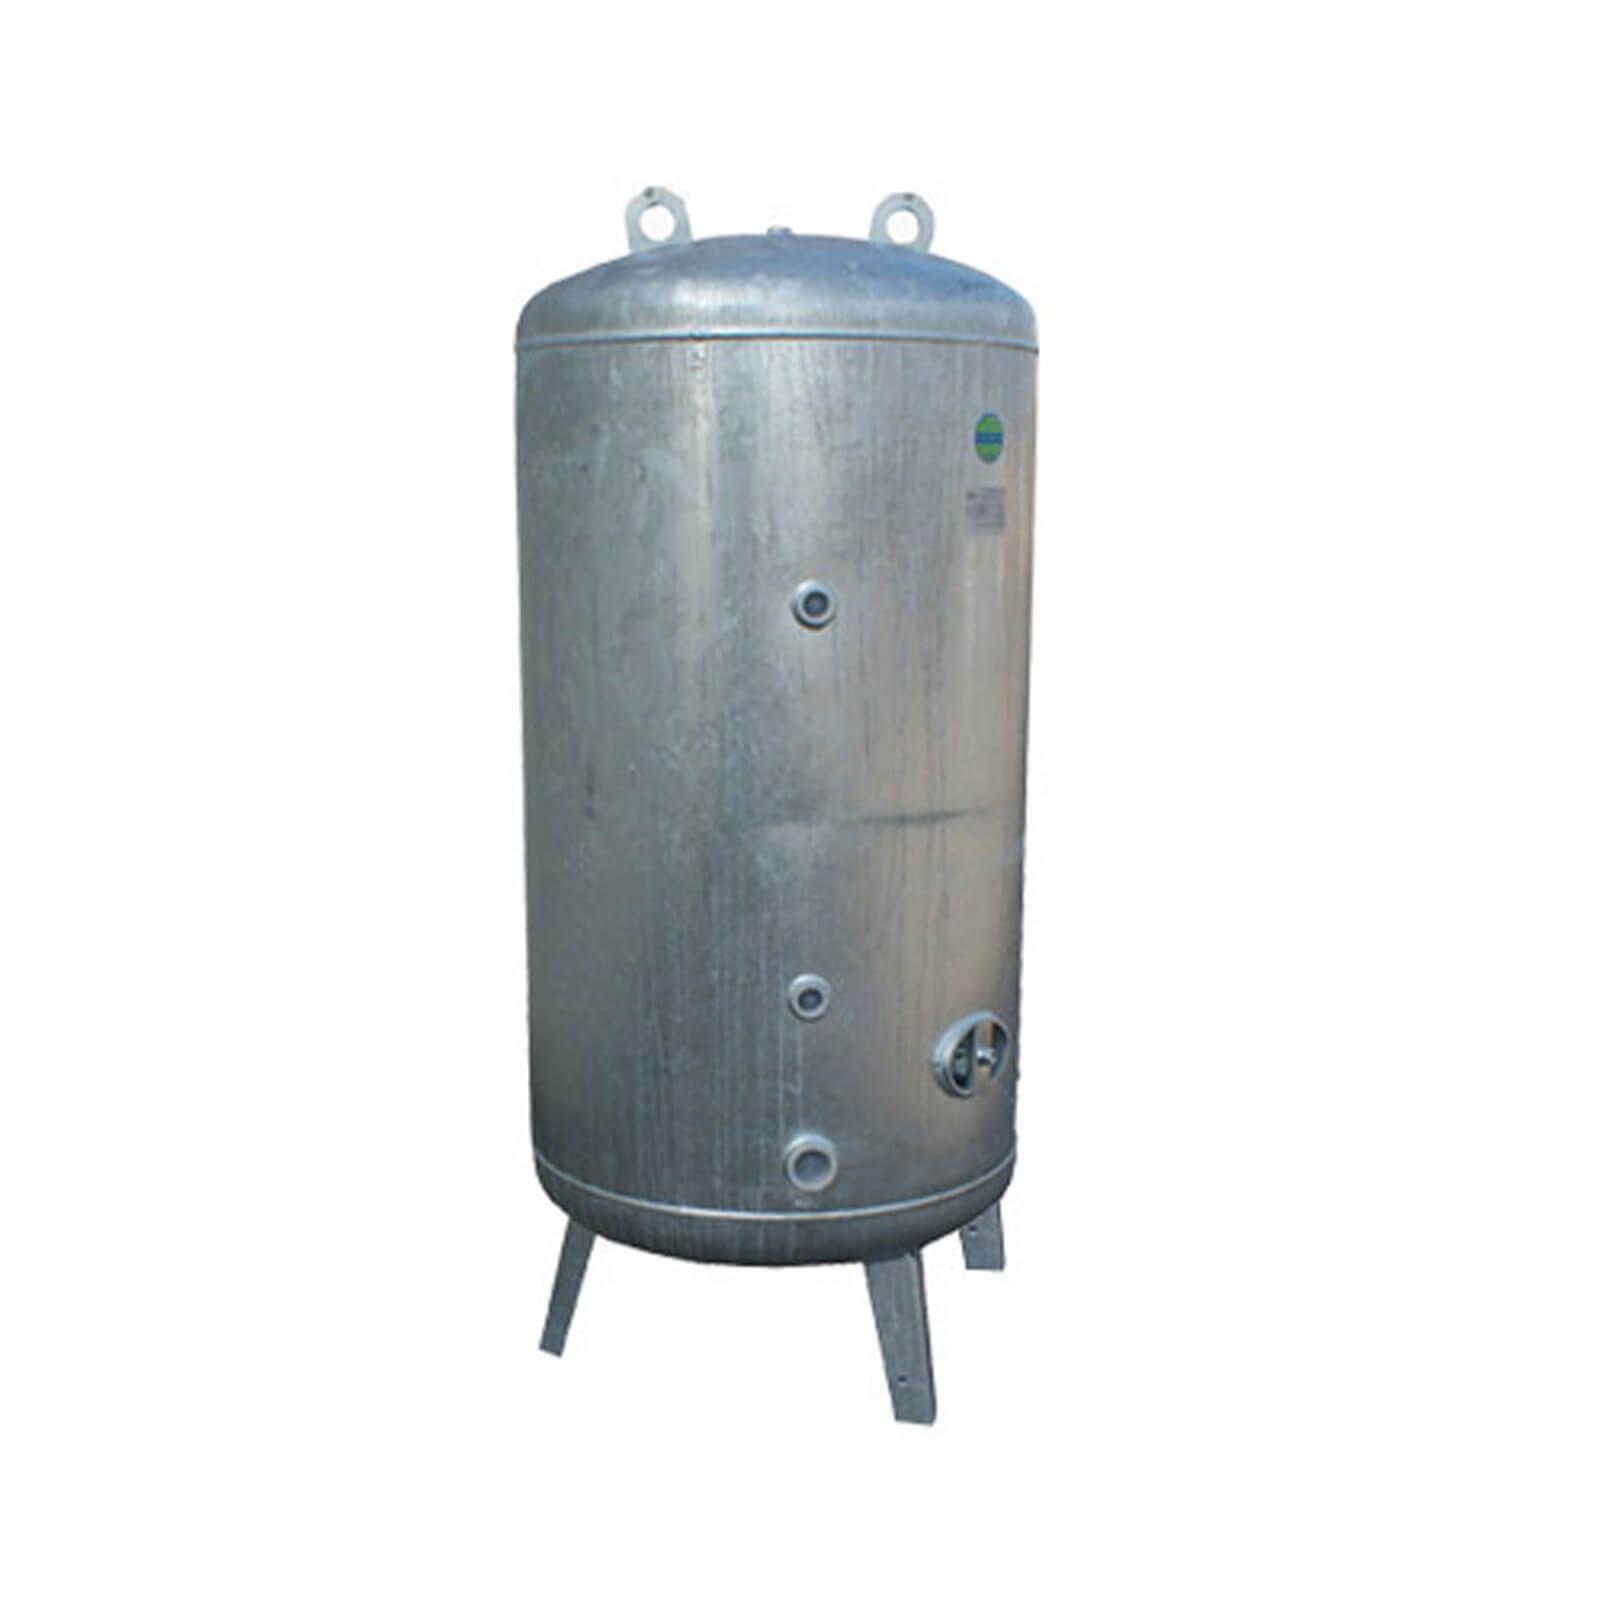 druckkessel 1000 liter druckbehälter 6 bar wasser verzinkt